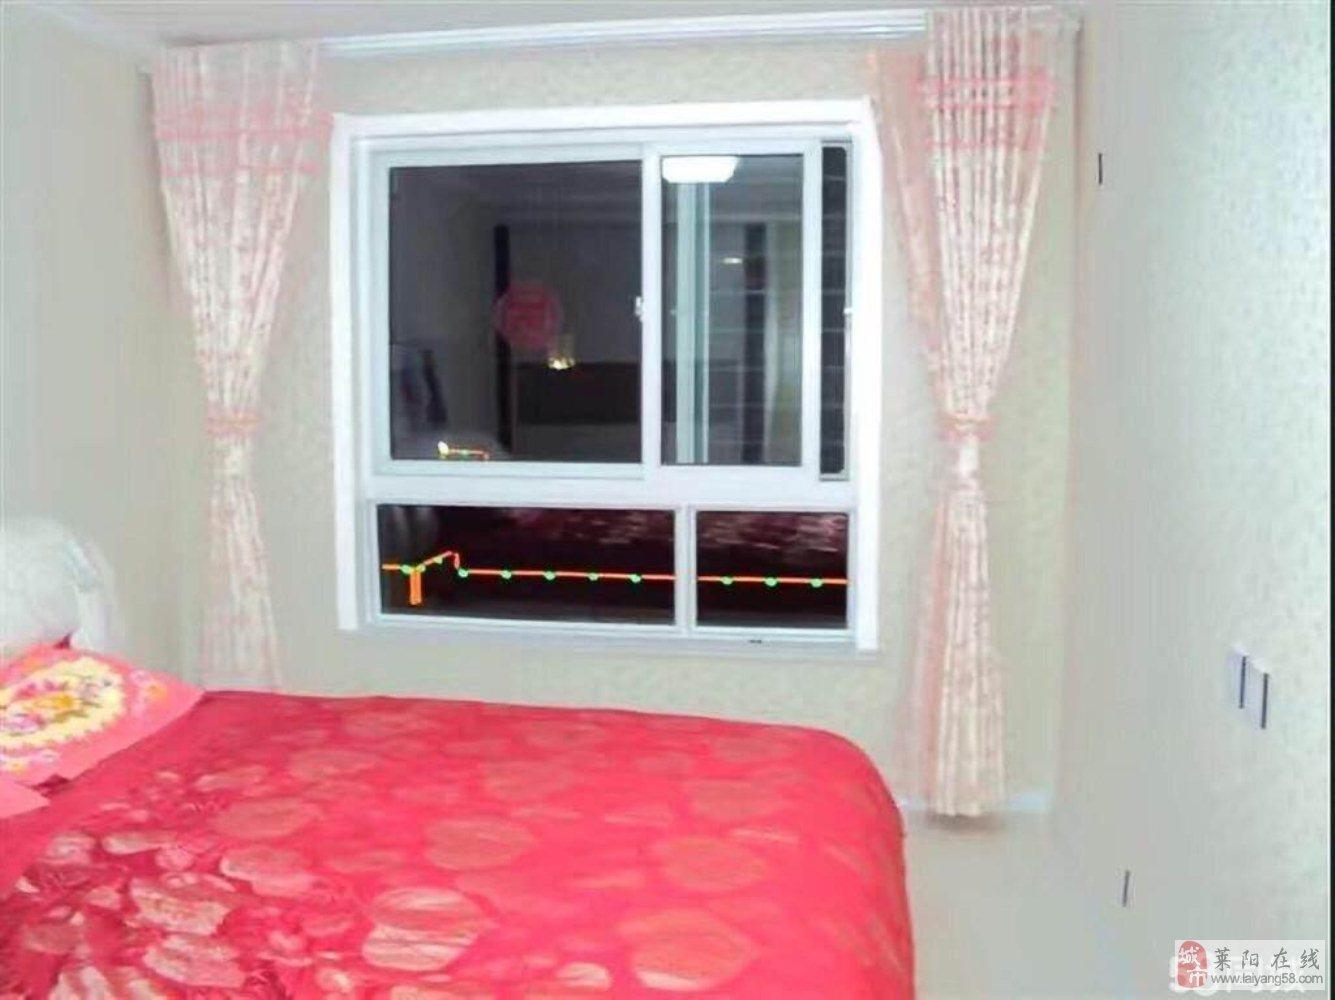 莱阳市新房源,阳光城3室2厅2卫110万元